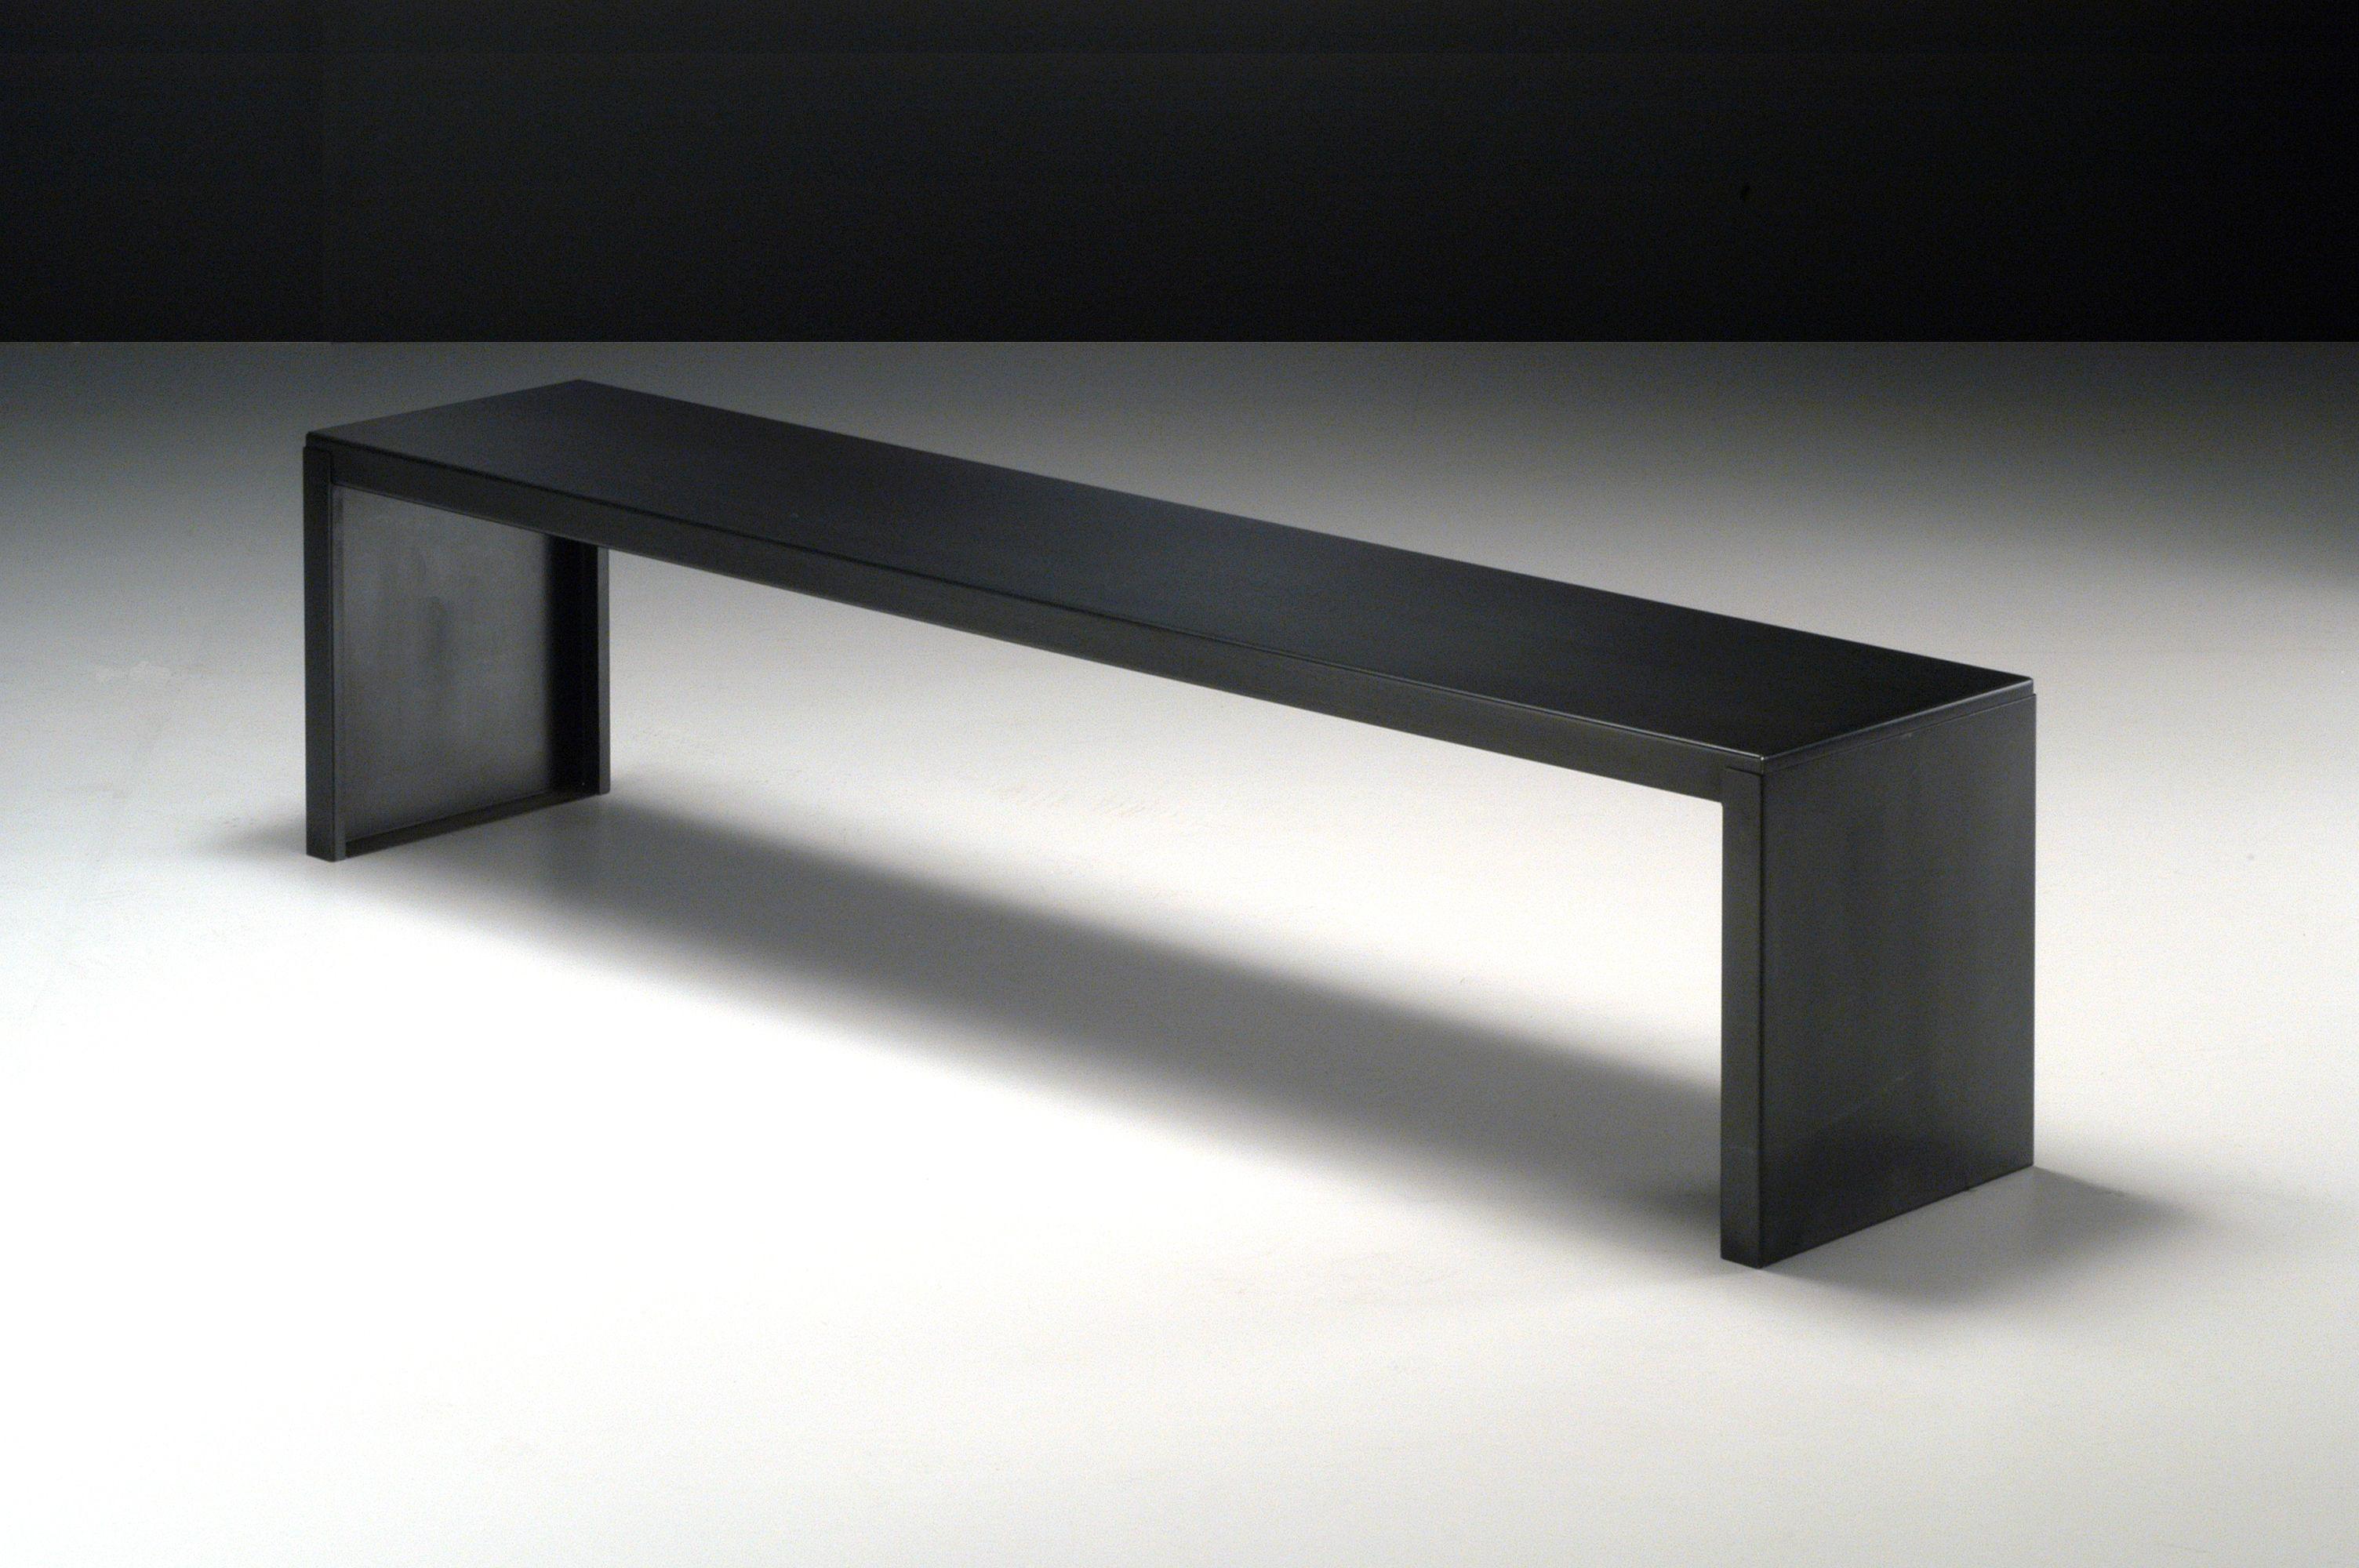 Big Irony Bench 160 x 41 cm by Zeus